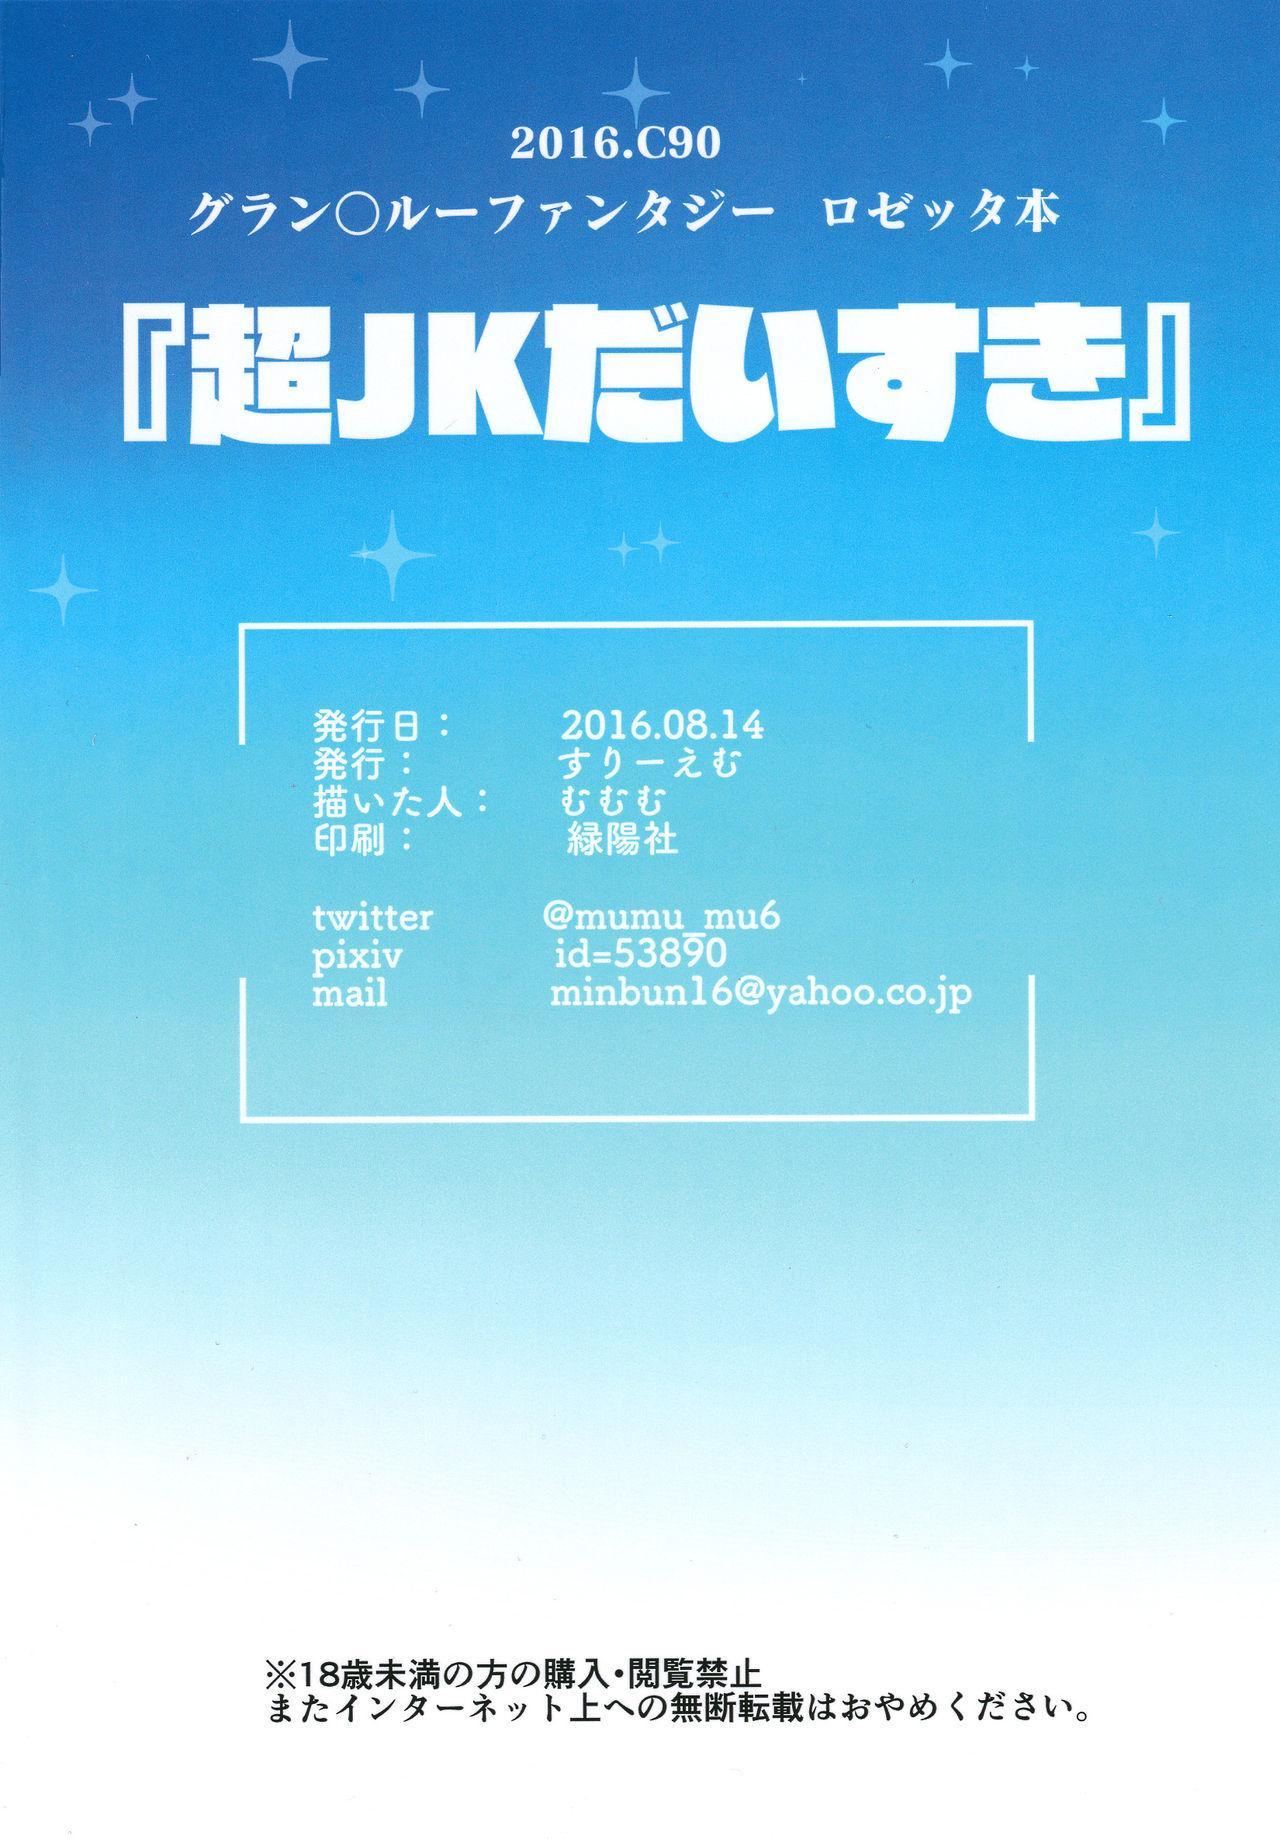 Chou JK Daisuki 17